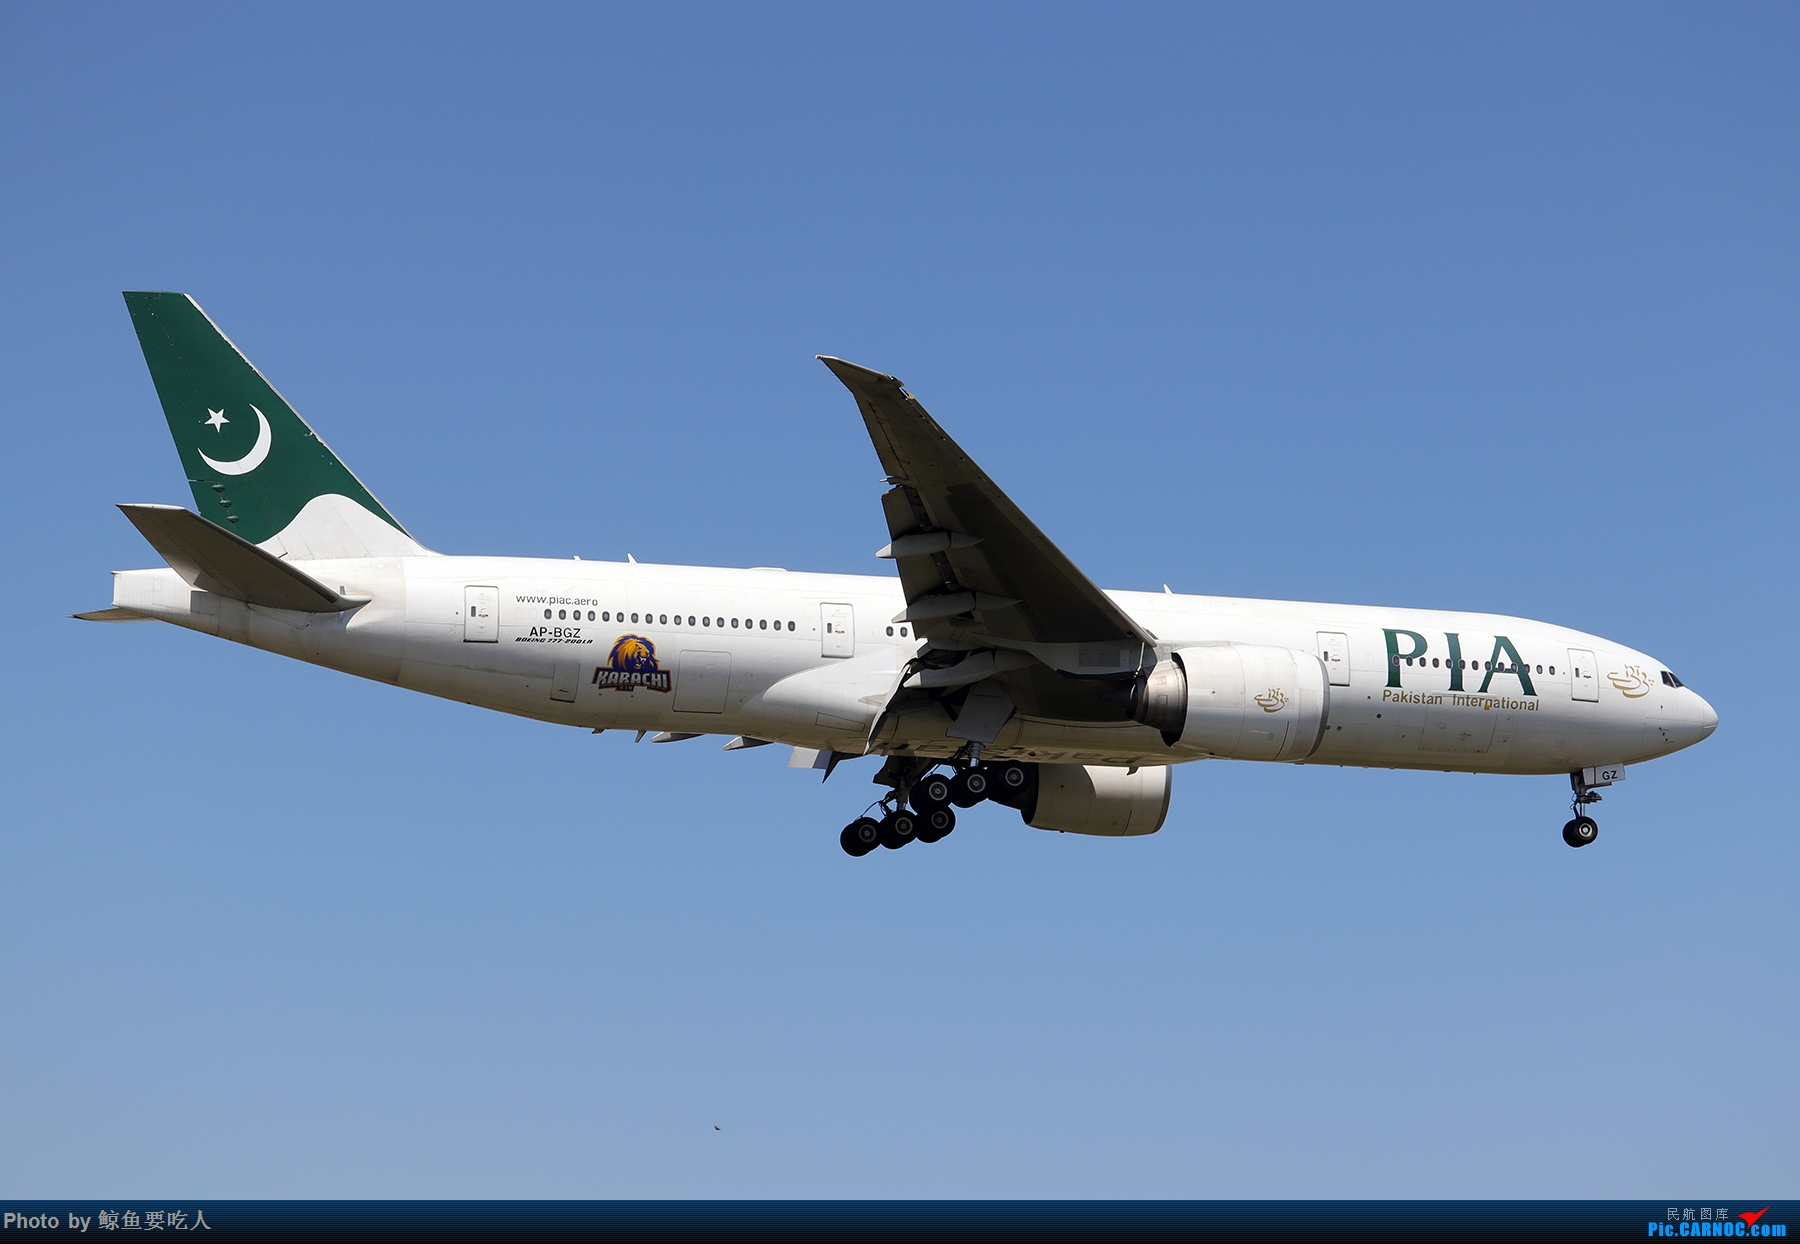 Re:[原创]【多图党】见证疫情后逐步的恢复,加拿大夏日多伦多皮尔逊机场拍机~ 乐见诸航空公司复航多伦多 BOEING 777-200ER AP-BGZ 多伦多皮尔逊国际机场